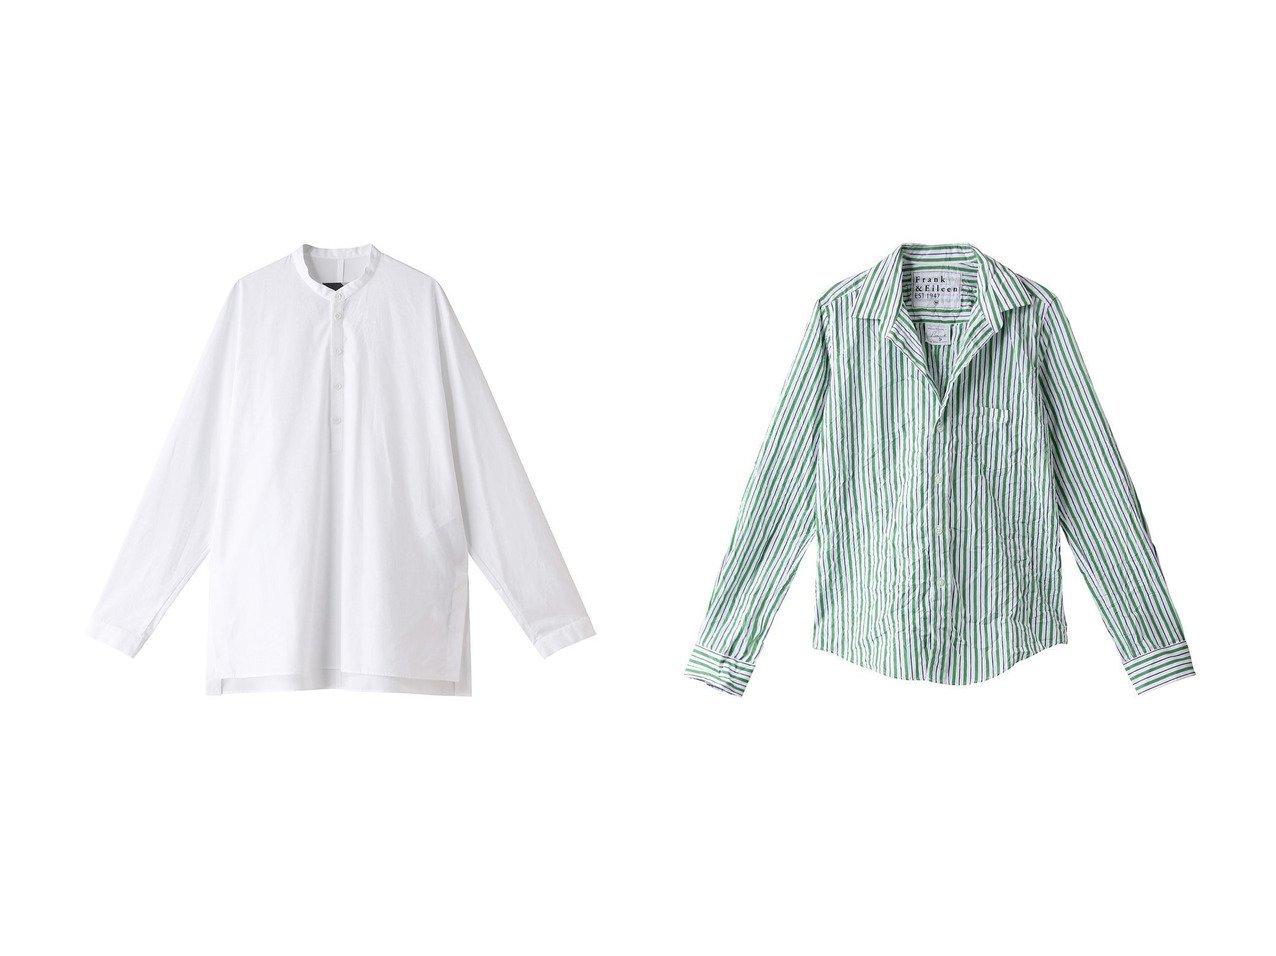 【Frank&Eileen/フランク&アイリーン】のBARRY LIMITED EDITION イタリアンコットン マルチストライプシャツ&【ATON/エイトン】の【UNISEX】SUVINブロードバンドカラーシャツ 【トップス・カットソー】おすすめ!人気、トレンド・レディースファッションの通販 おすすめで人気の流行・トレンド、ファッションの通販商品 インテリア・家具・メンズファッション・キッズファッション・レディースファッション・服の通販 founy(ファニー) https://founy.com/ ファッション Fashion レディースファッション WOMEN トップス・カットソー Tops/Tshirt シャツ/ブラウス Shirts/Blouses 2020年 2020 2020-2021秋冬・A/W AW・Autumn/Winter・FW・Fall-Winter/2020-2021 2021年 2021 2021-2022秋冬・A/W AW・Autumn/Winter・FW・Fall-Winter・2021-2022 A/W・秋冬 AW・Autumn/Winter・FW・Fall-Winter UNISEX インド カフス スリット スリーブ ブロード リラックス ロング |ID:crp329100000062701